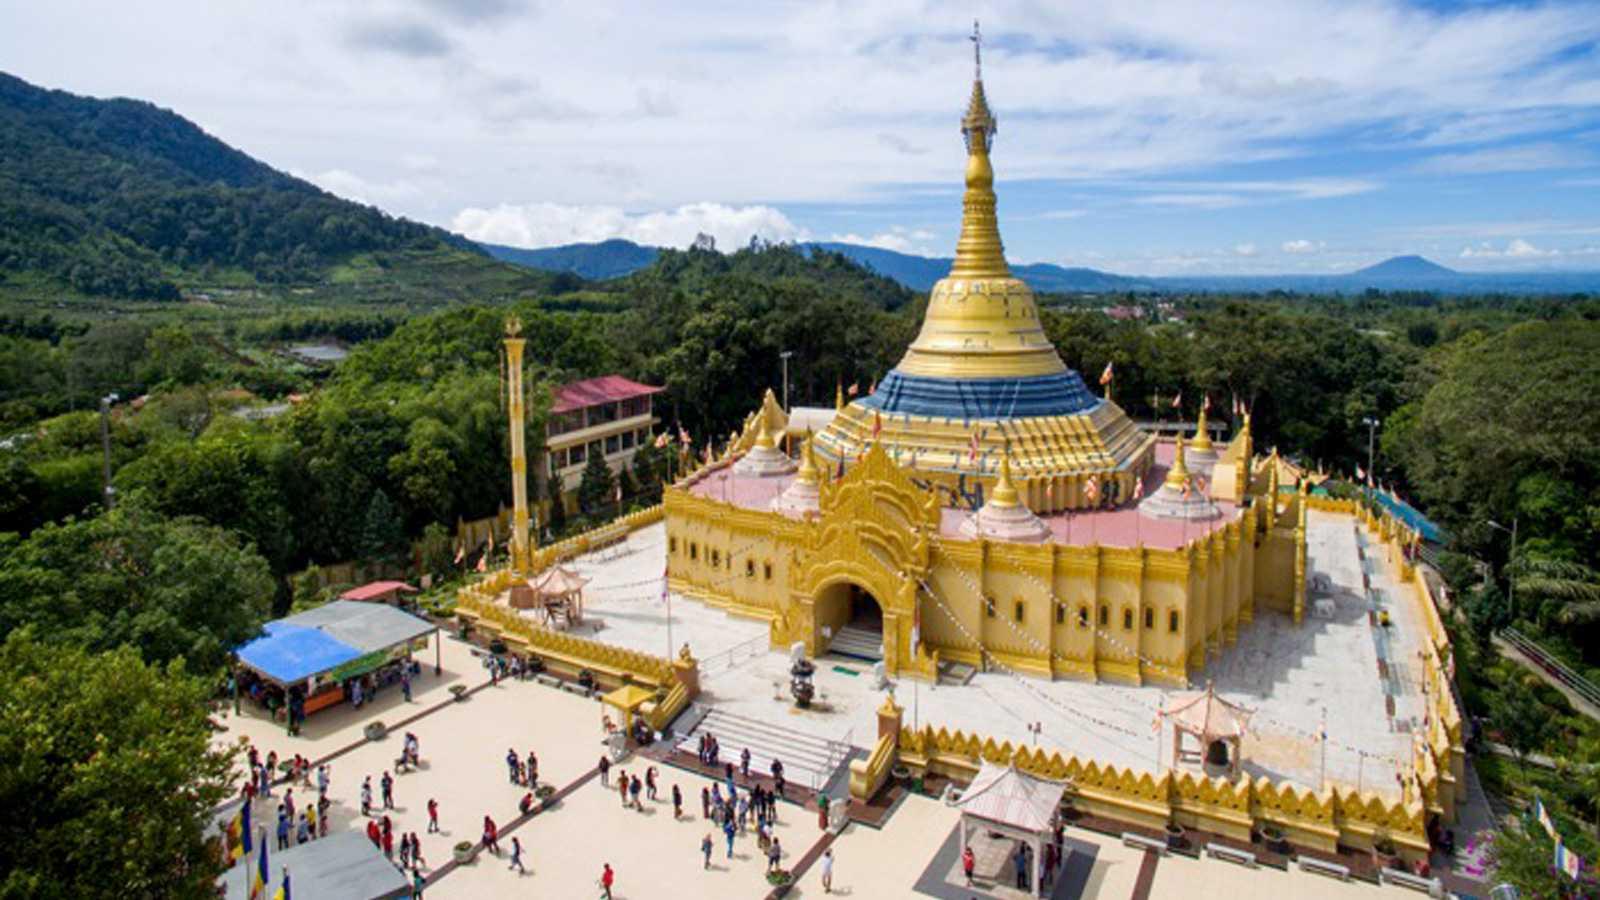 Pagoda Tertinggi Indonesia Terdapat Taman Alam Lumbini Sejak Keberadaannya 2010